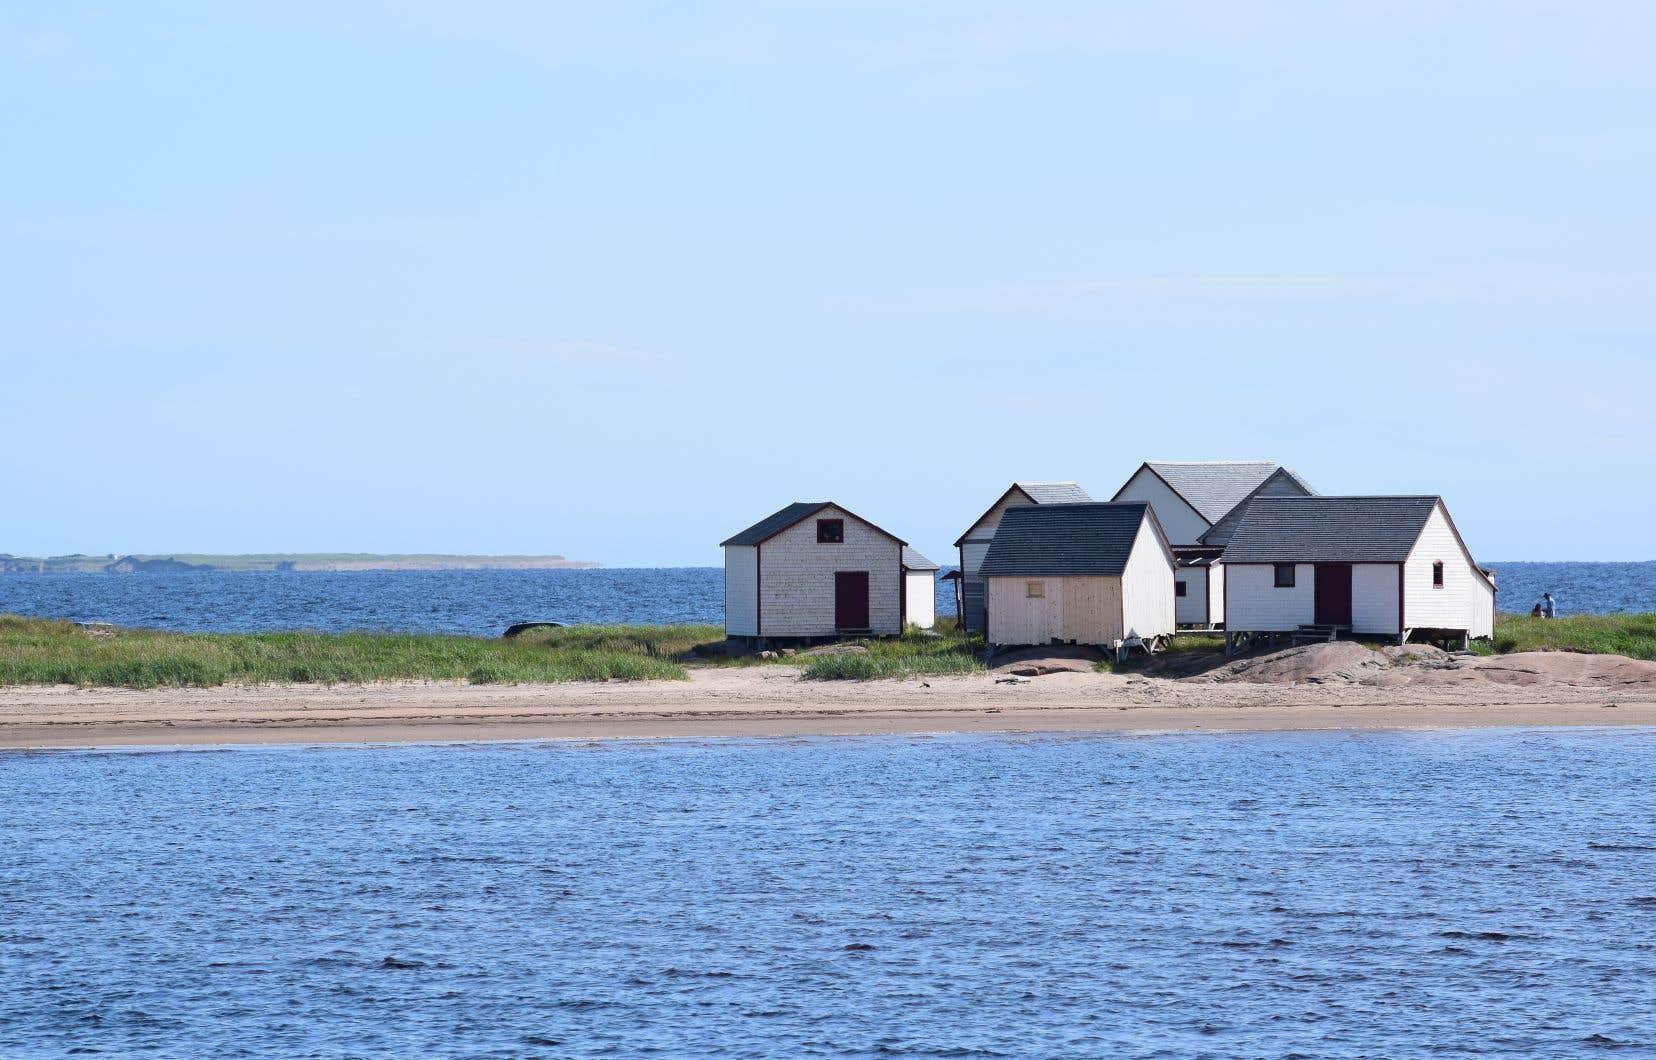 Denis Gilbert se dit donc préoccupé pour les années à venir, non seulement en ce qui concerne l'écosystème, mais aussi en ce qui concerne les communautés côtières affectées par l'érosion.